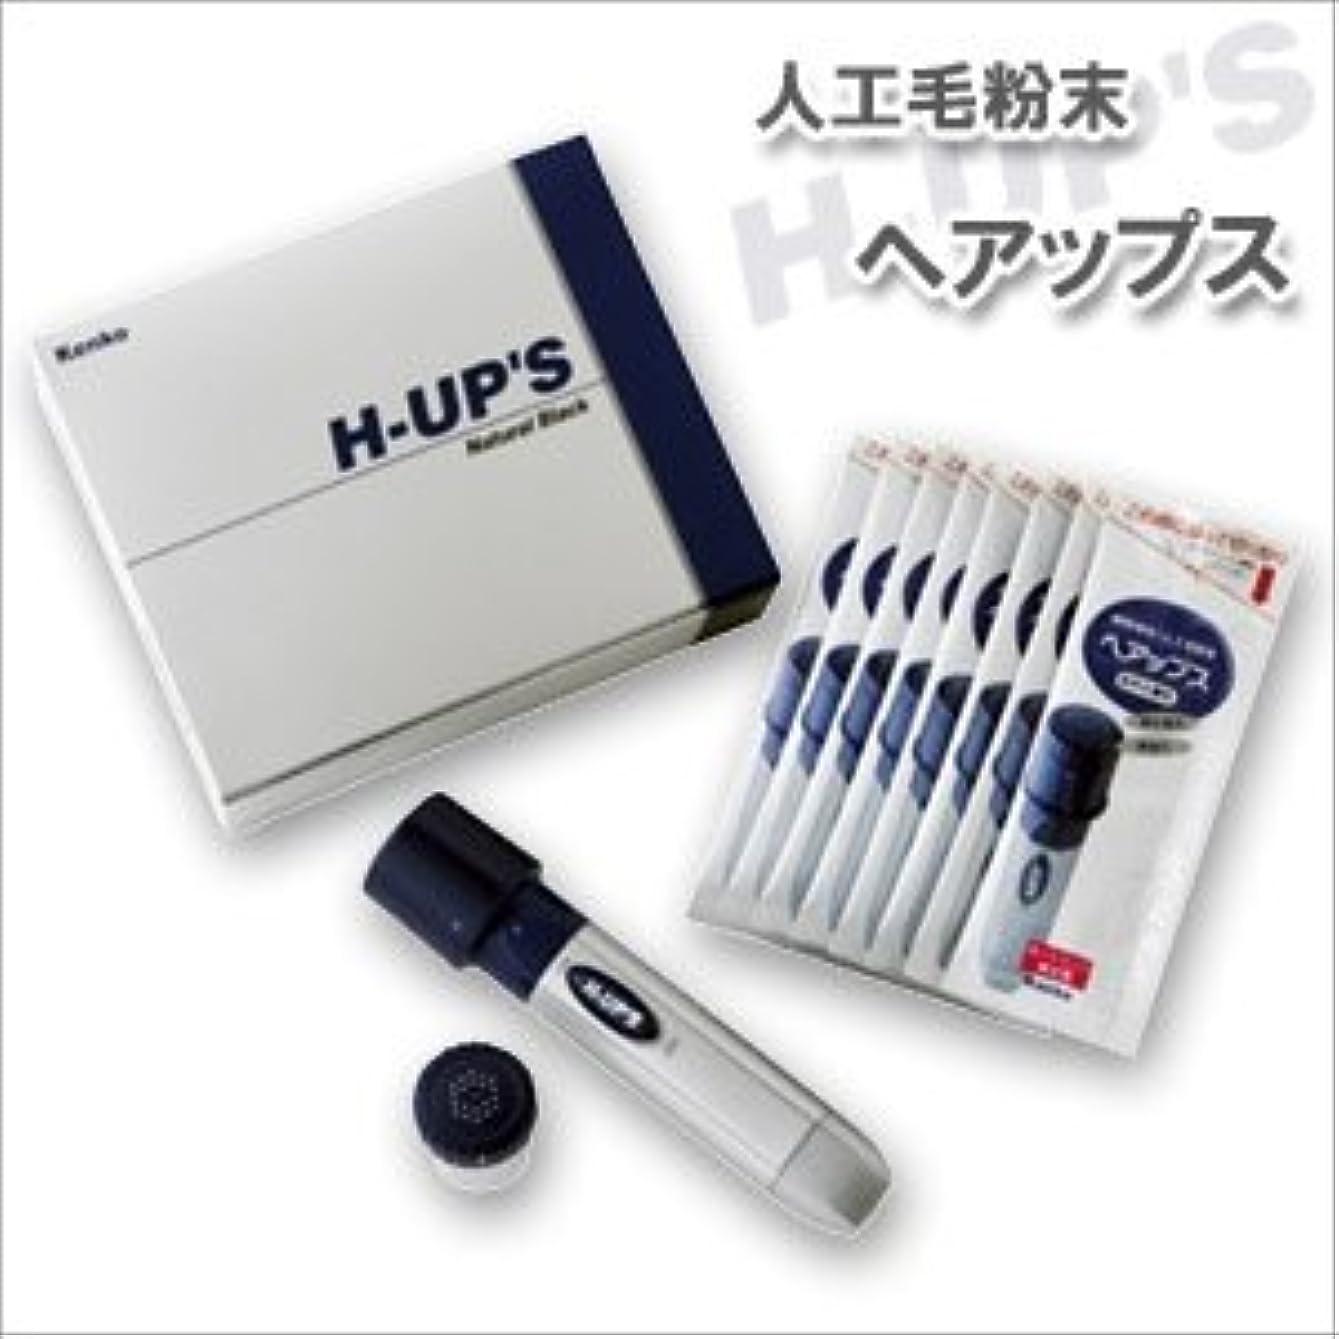 豚見つけるいつでもH-UP S ヘアップス 電動散布器本体 プラス 補充用カートリッジ 頭皮薄毛カバー粉末 ブラック